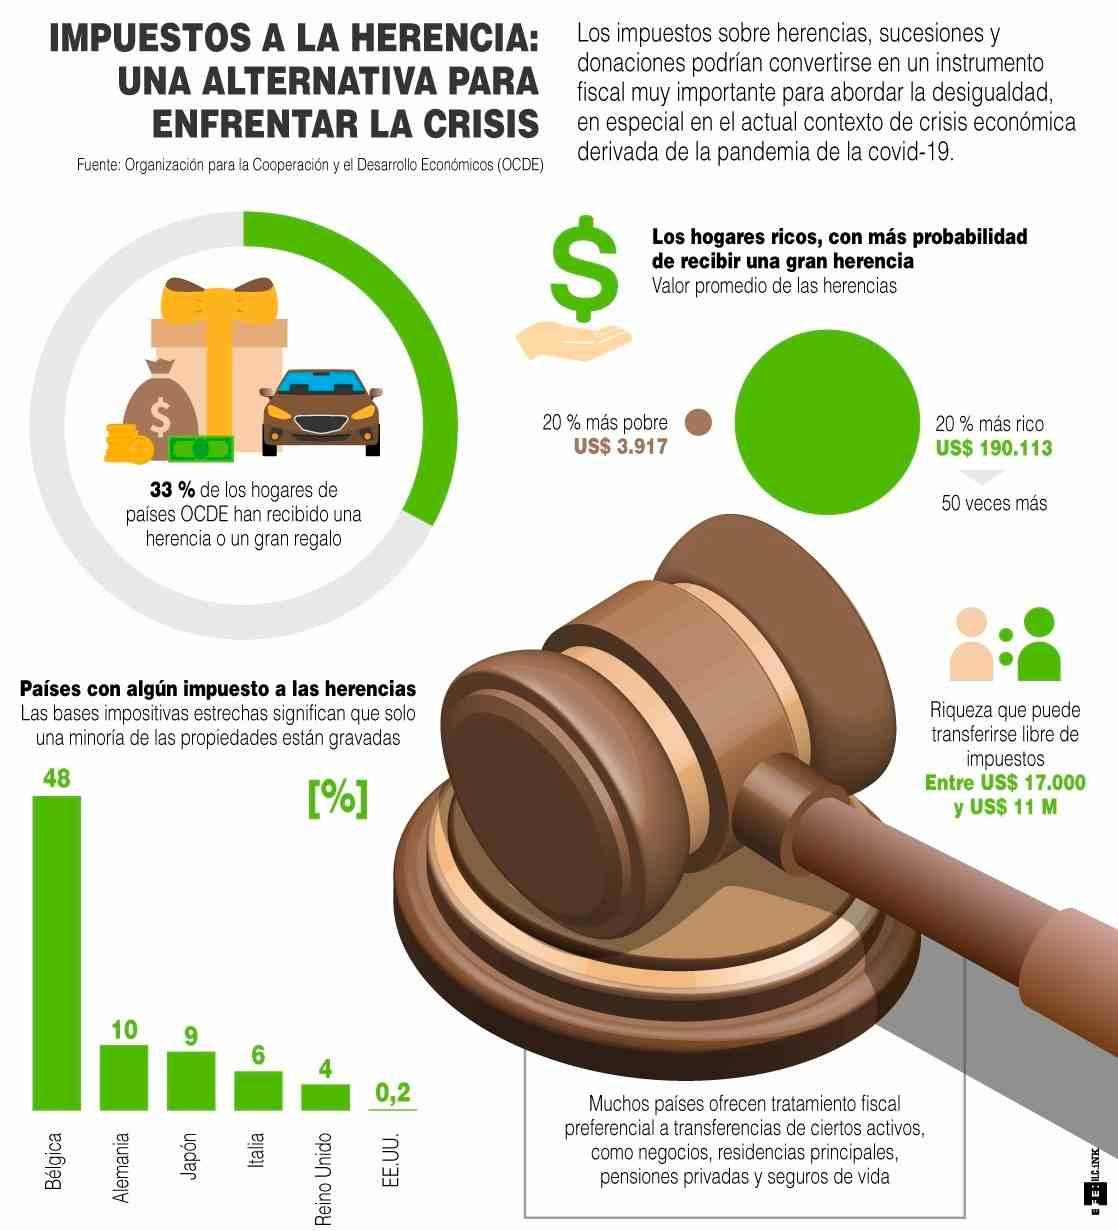 [Infografía] - Impuestos a la herencia Una alternativa para enfrentar la crisis 1